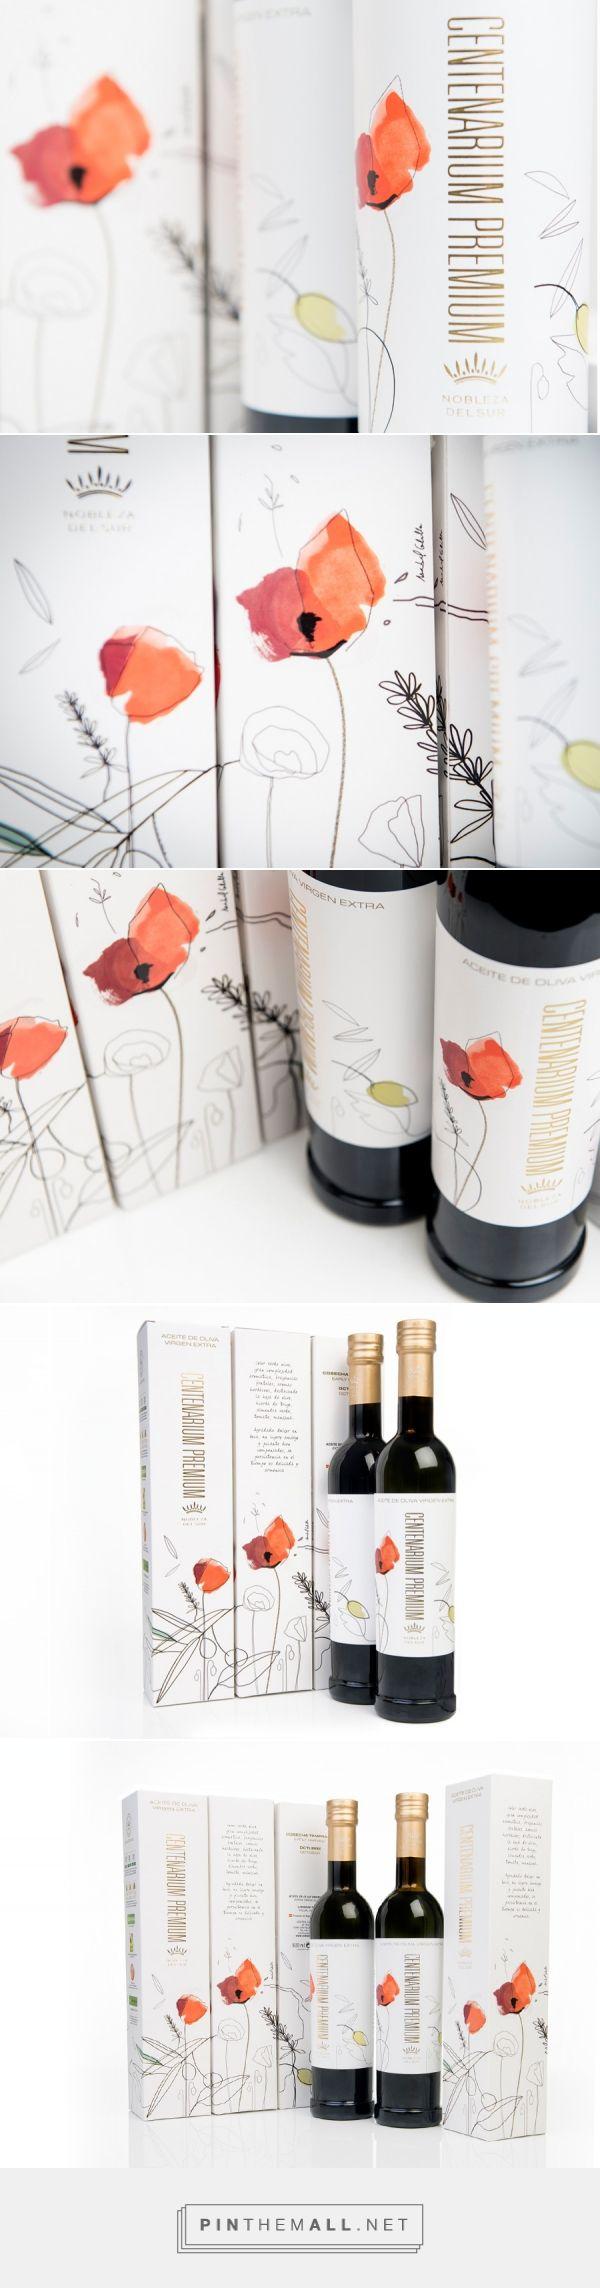 Oils Castellar /  Isabel Cabello Studio S.L.L